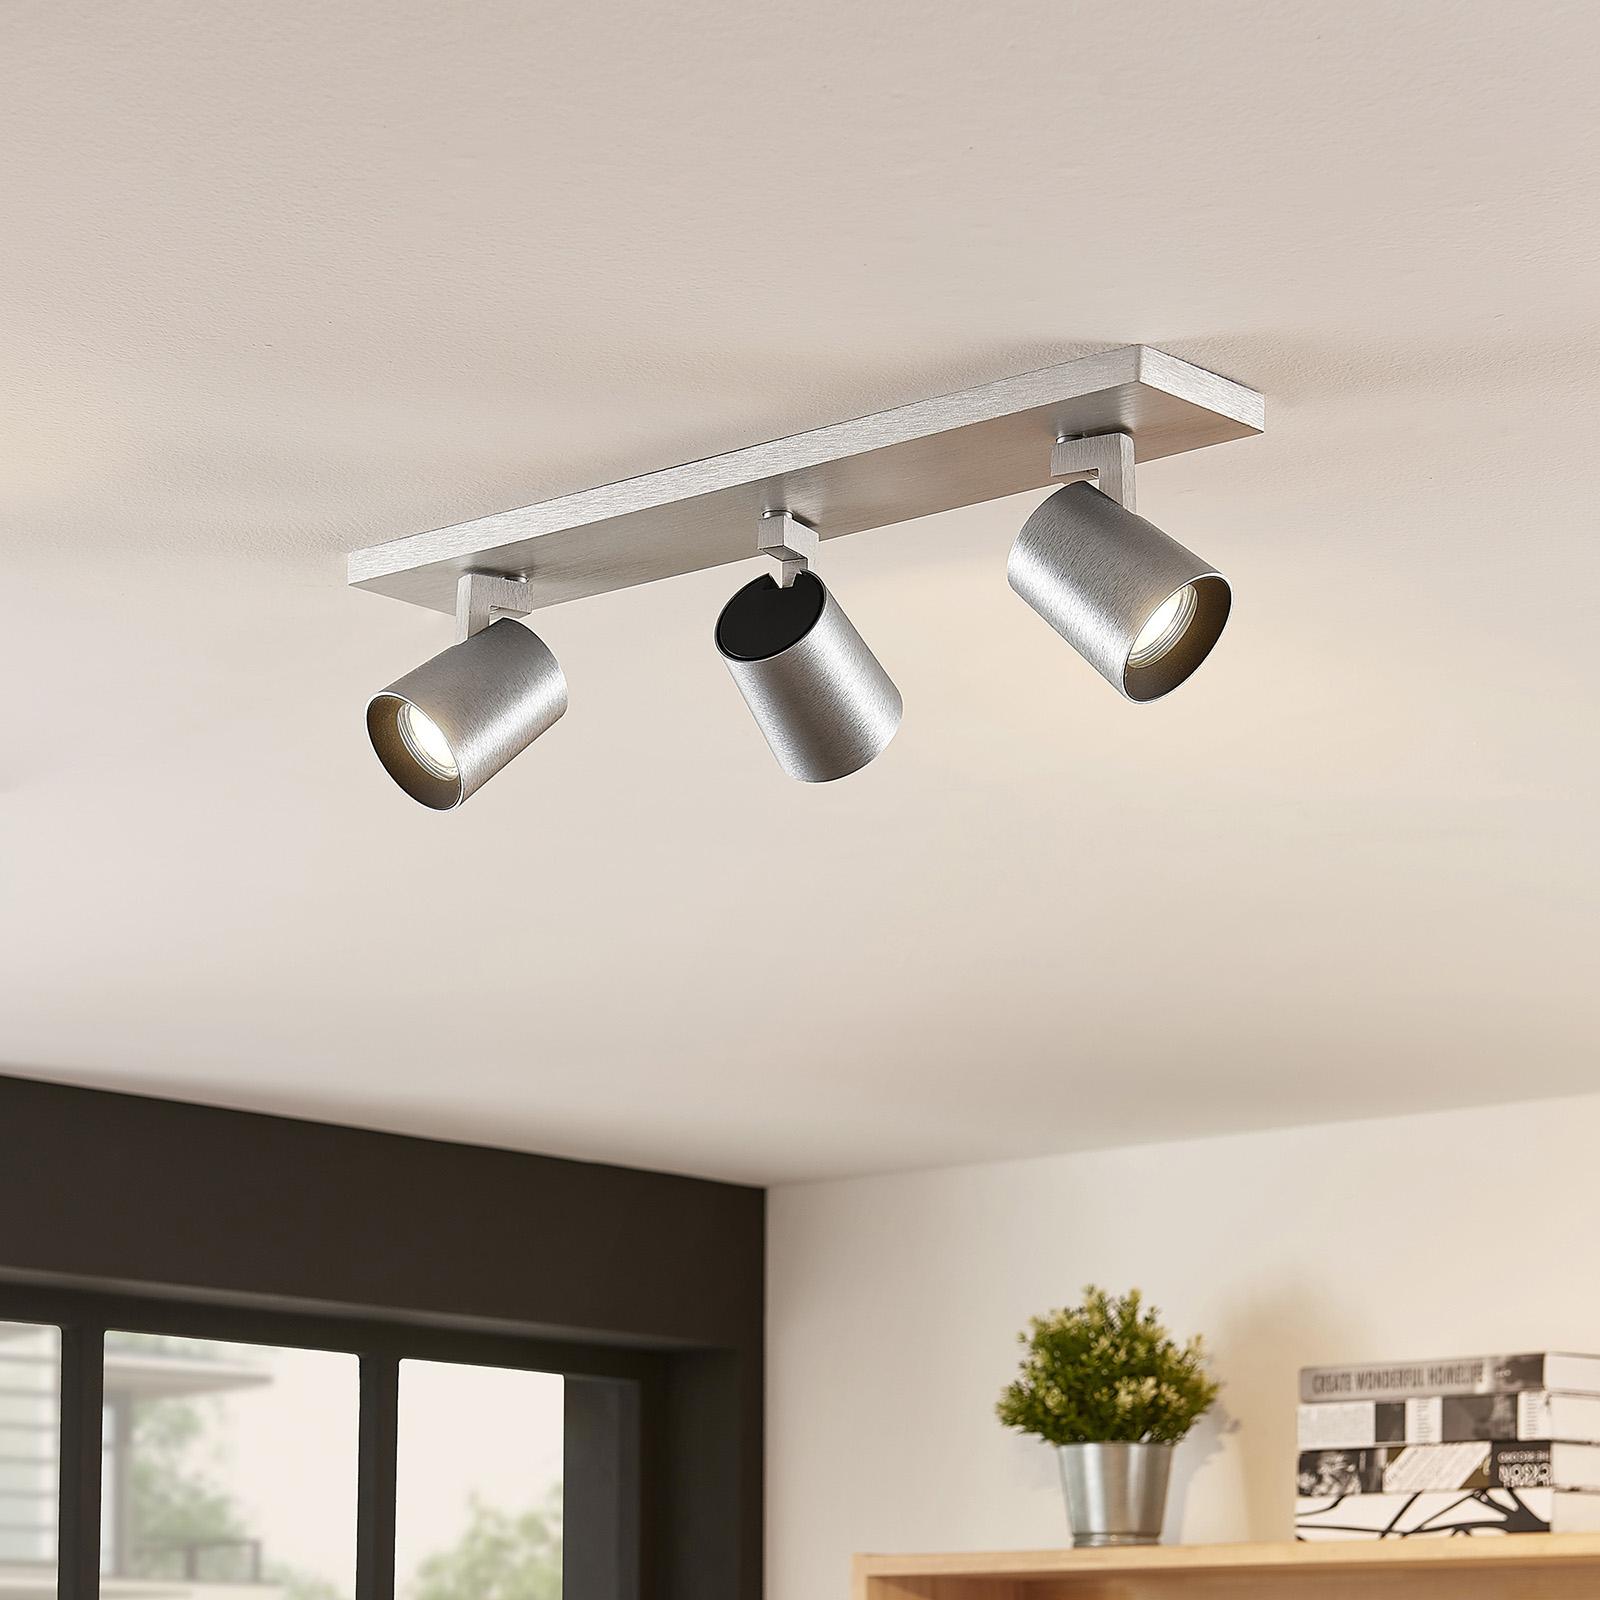 Kattokohdevalo Iavo säädettävä alumiini 3 lamppua